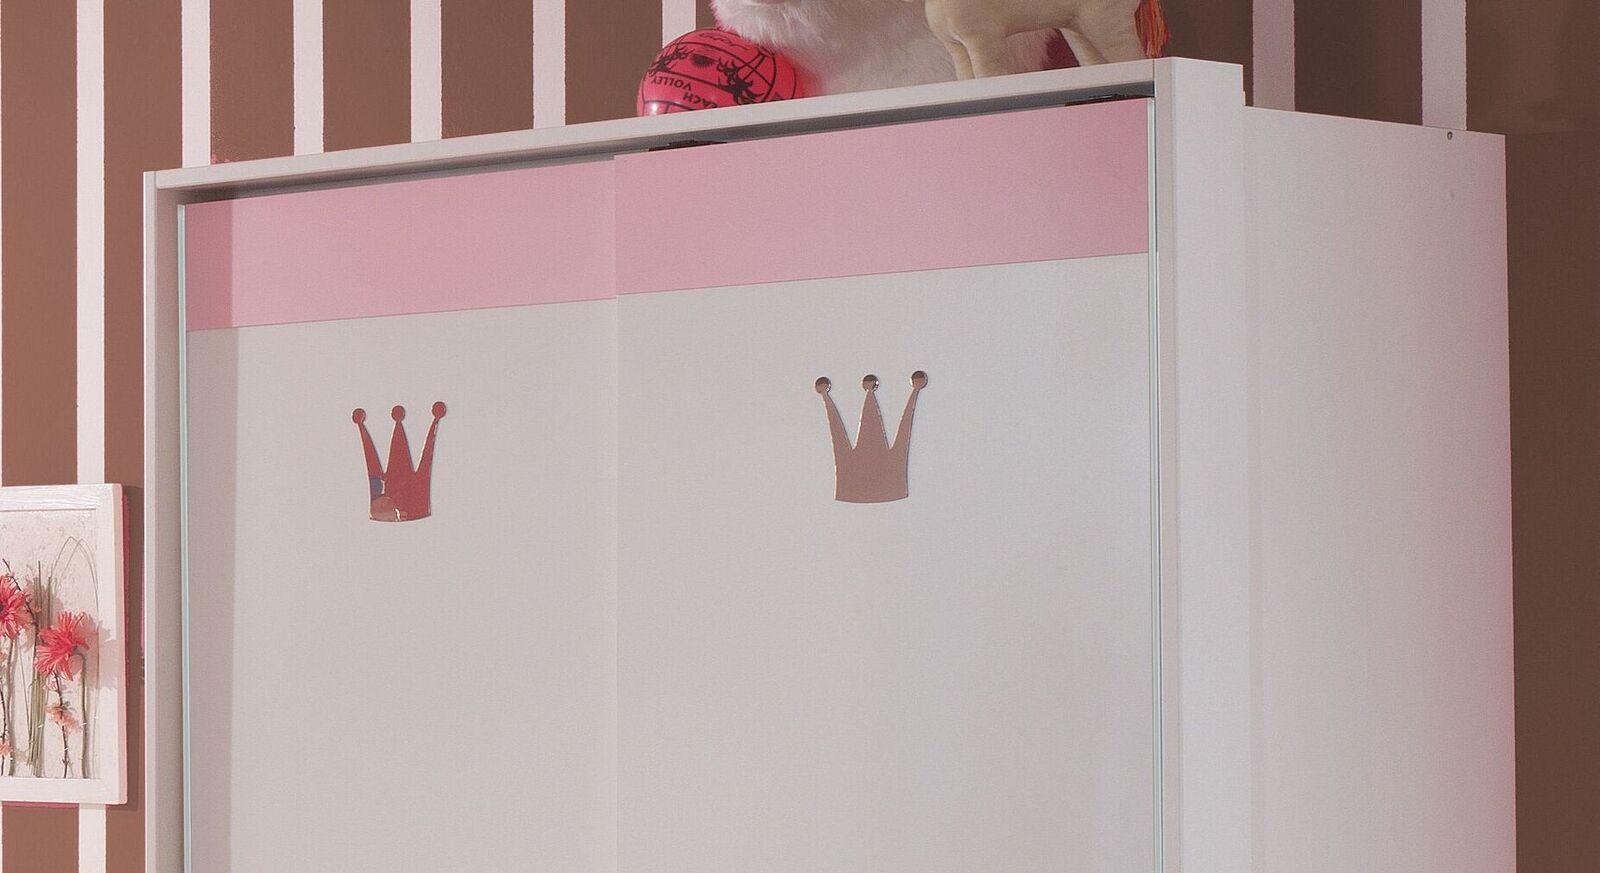 Schwebetüren-Kleiderschrank Embala inklusive Passepartout-Rahmen